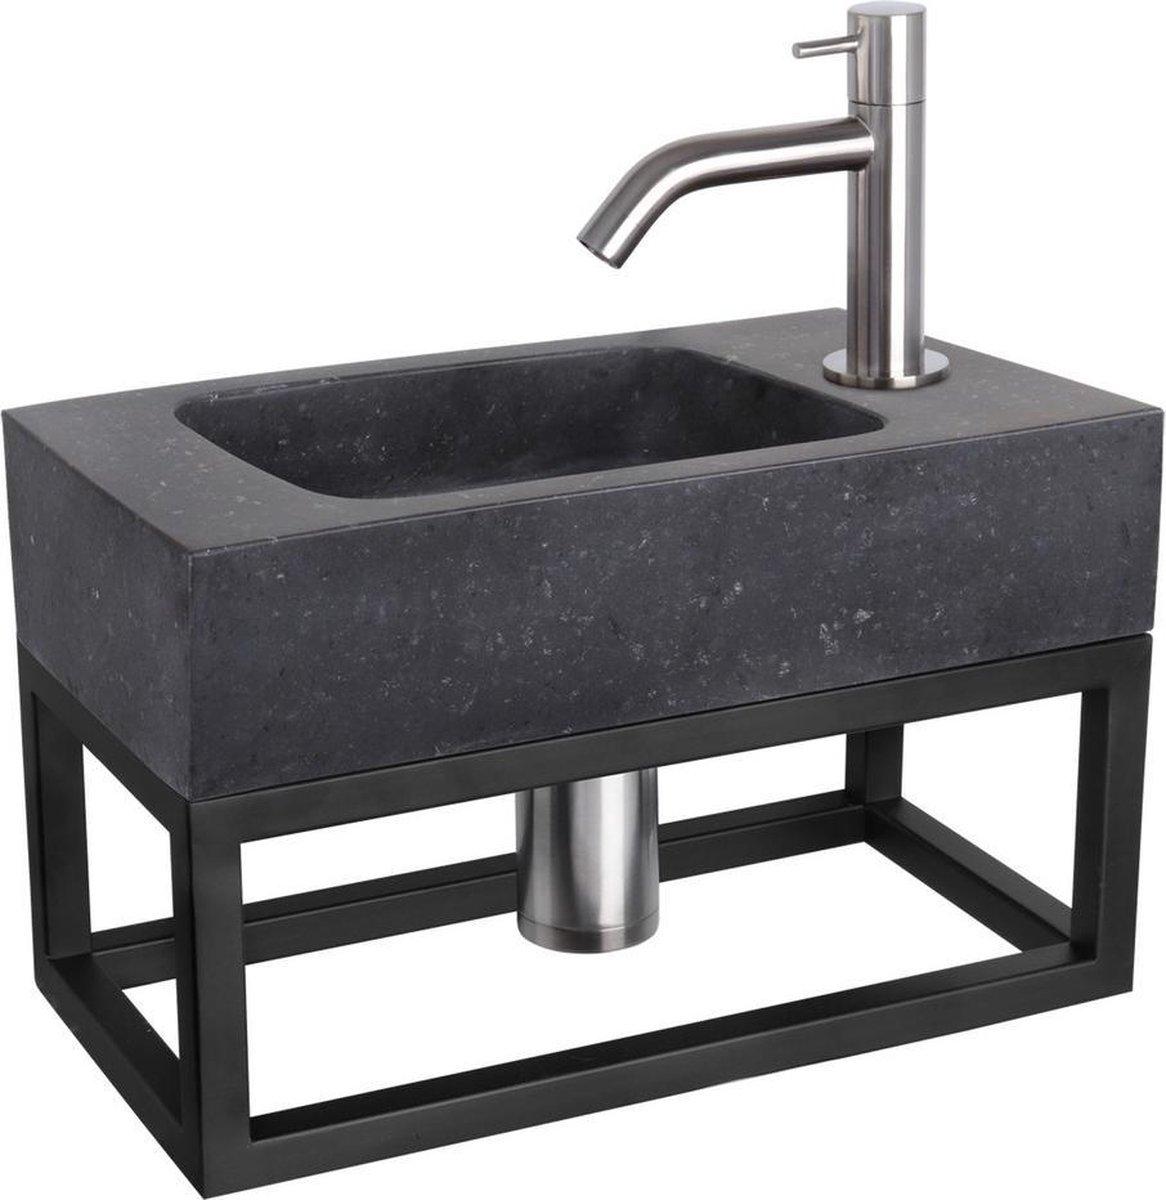 Differnz Fonteinset Bombai black - Natuursteen - Kraan gebogen mat chroom - Met handdoekrek - 40 x 22 x 9 cm